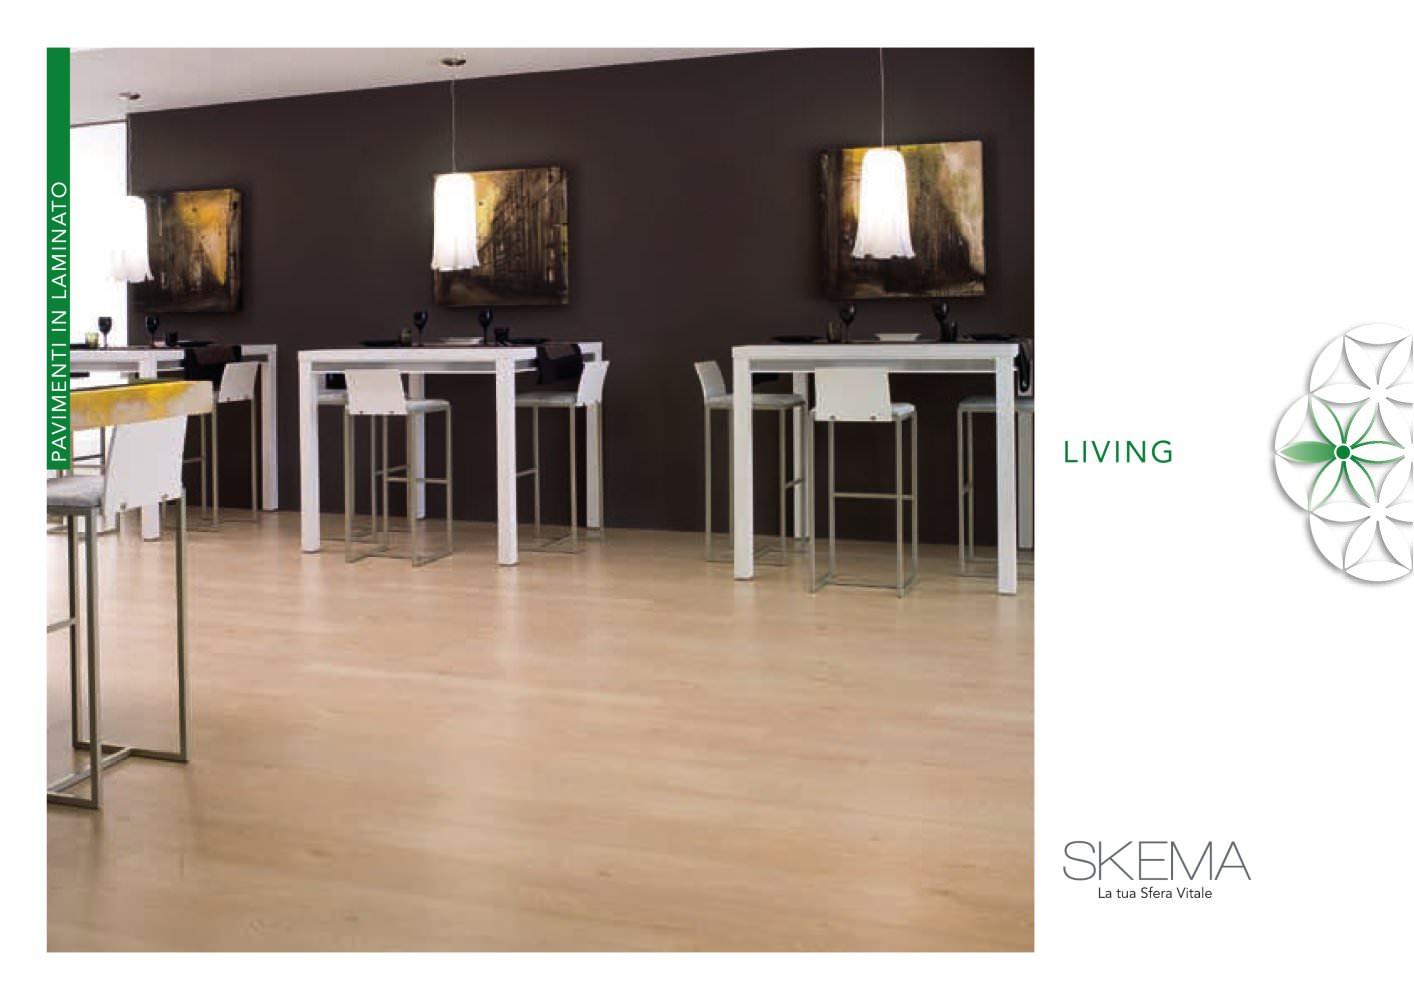 Lavorare Il Legno Pdf : Living skema catalogo pdf documentazione brochure